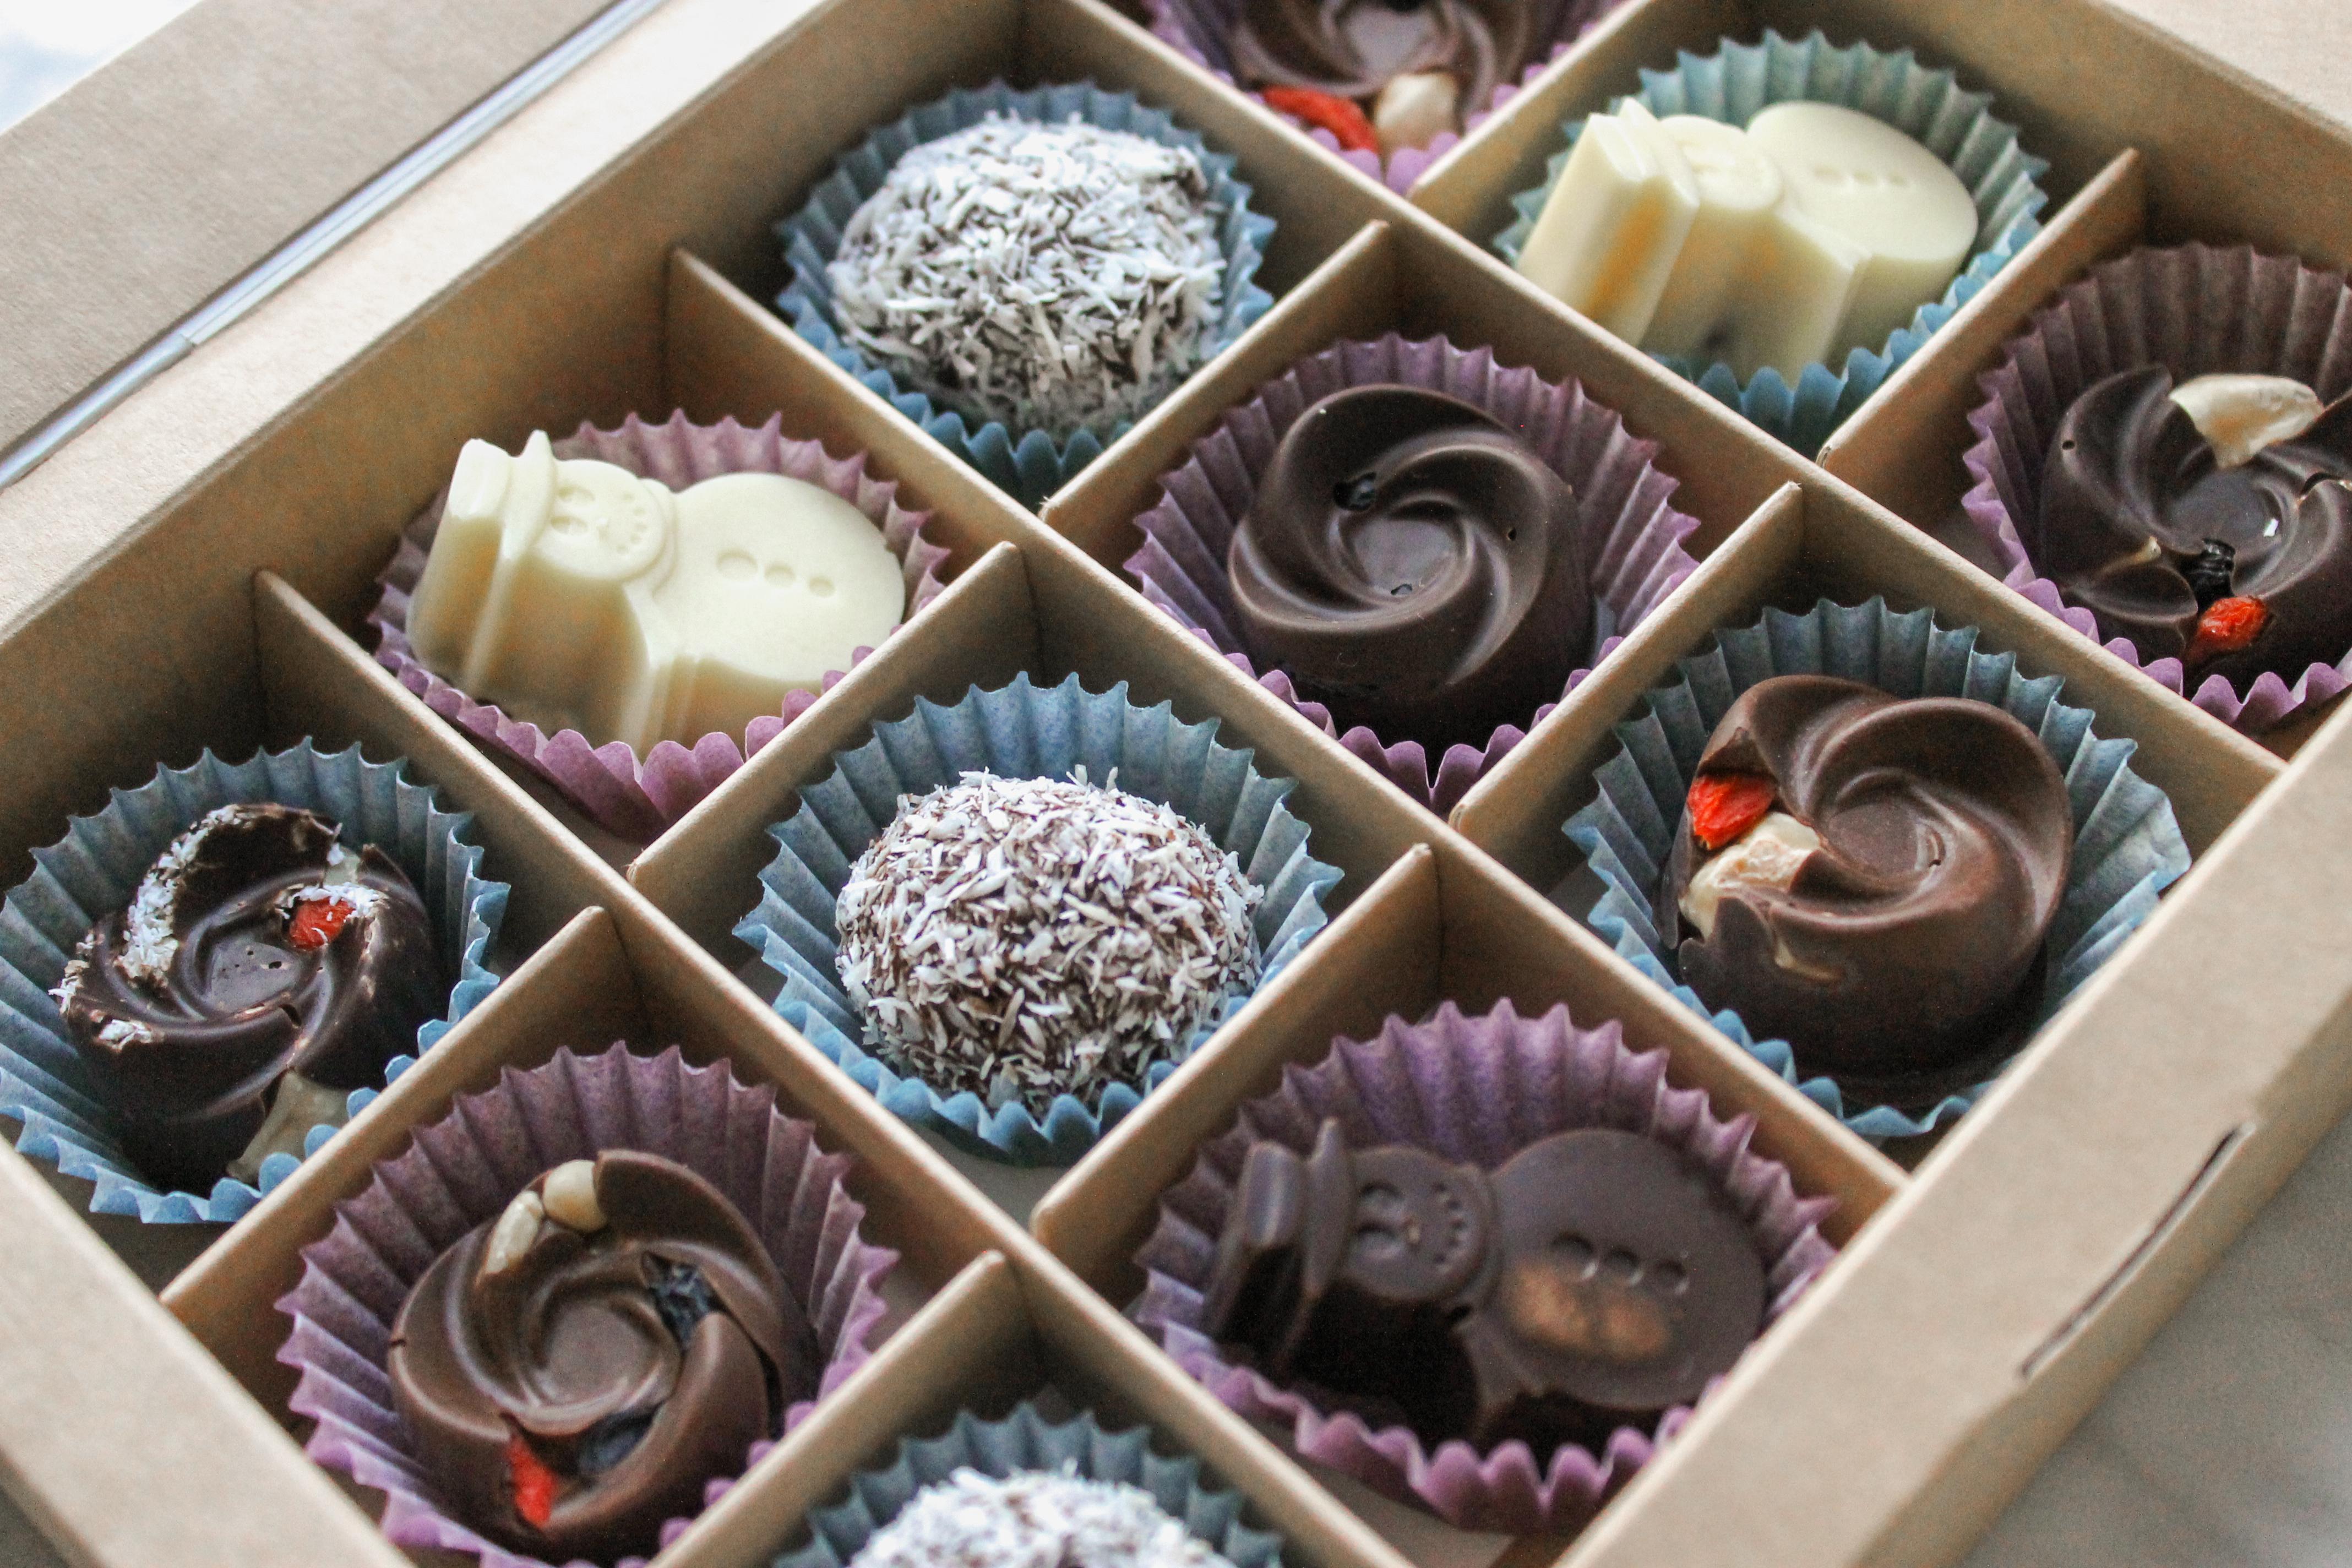 Фото Натуральный шоколад ручной работы на заказ.   Горький 100%, тёмный 75%, молочный 55%, белый и цветной 48%; шоколад на кэробе.   Без белого сахара, лактозы, глютена и пищевой химии.   Изготавливаю шоколадные плитки, конфеты, шоколадные фигурки.